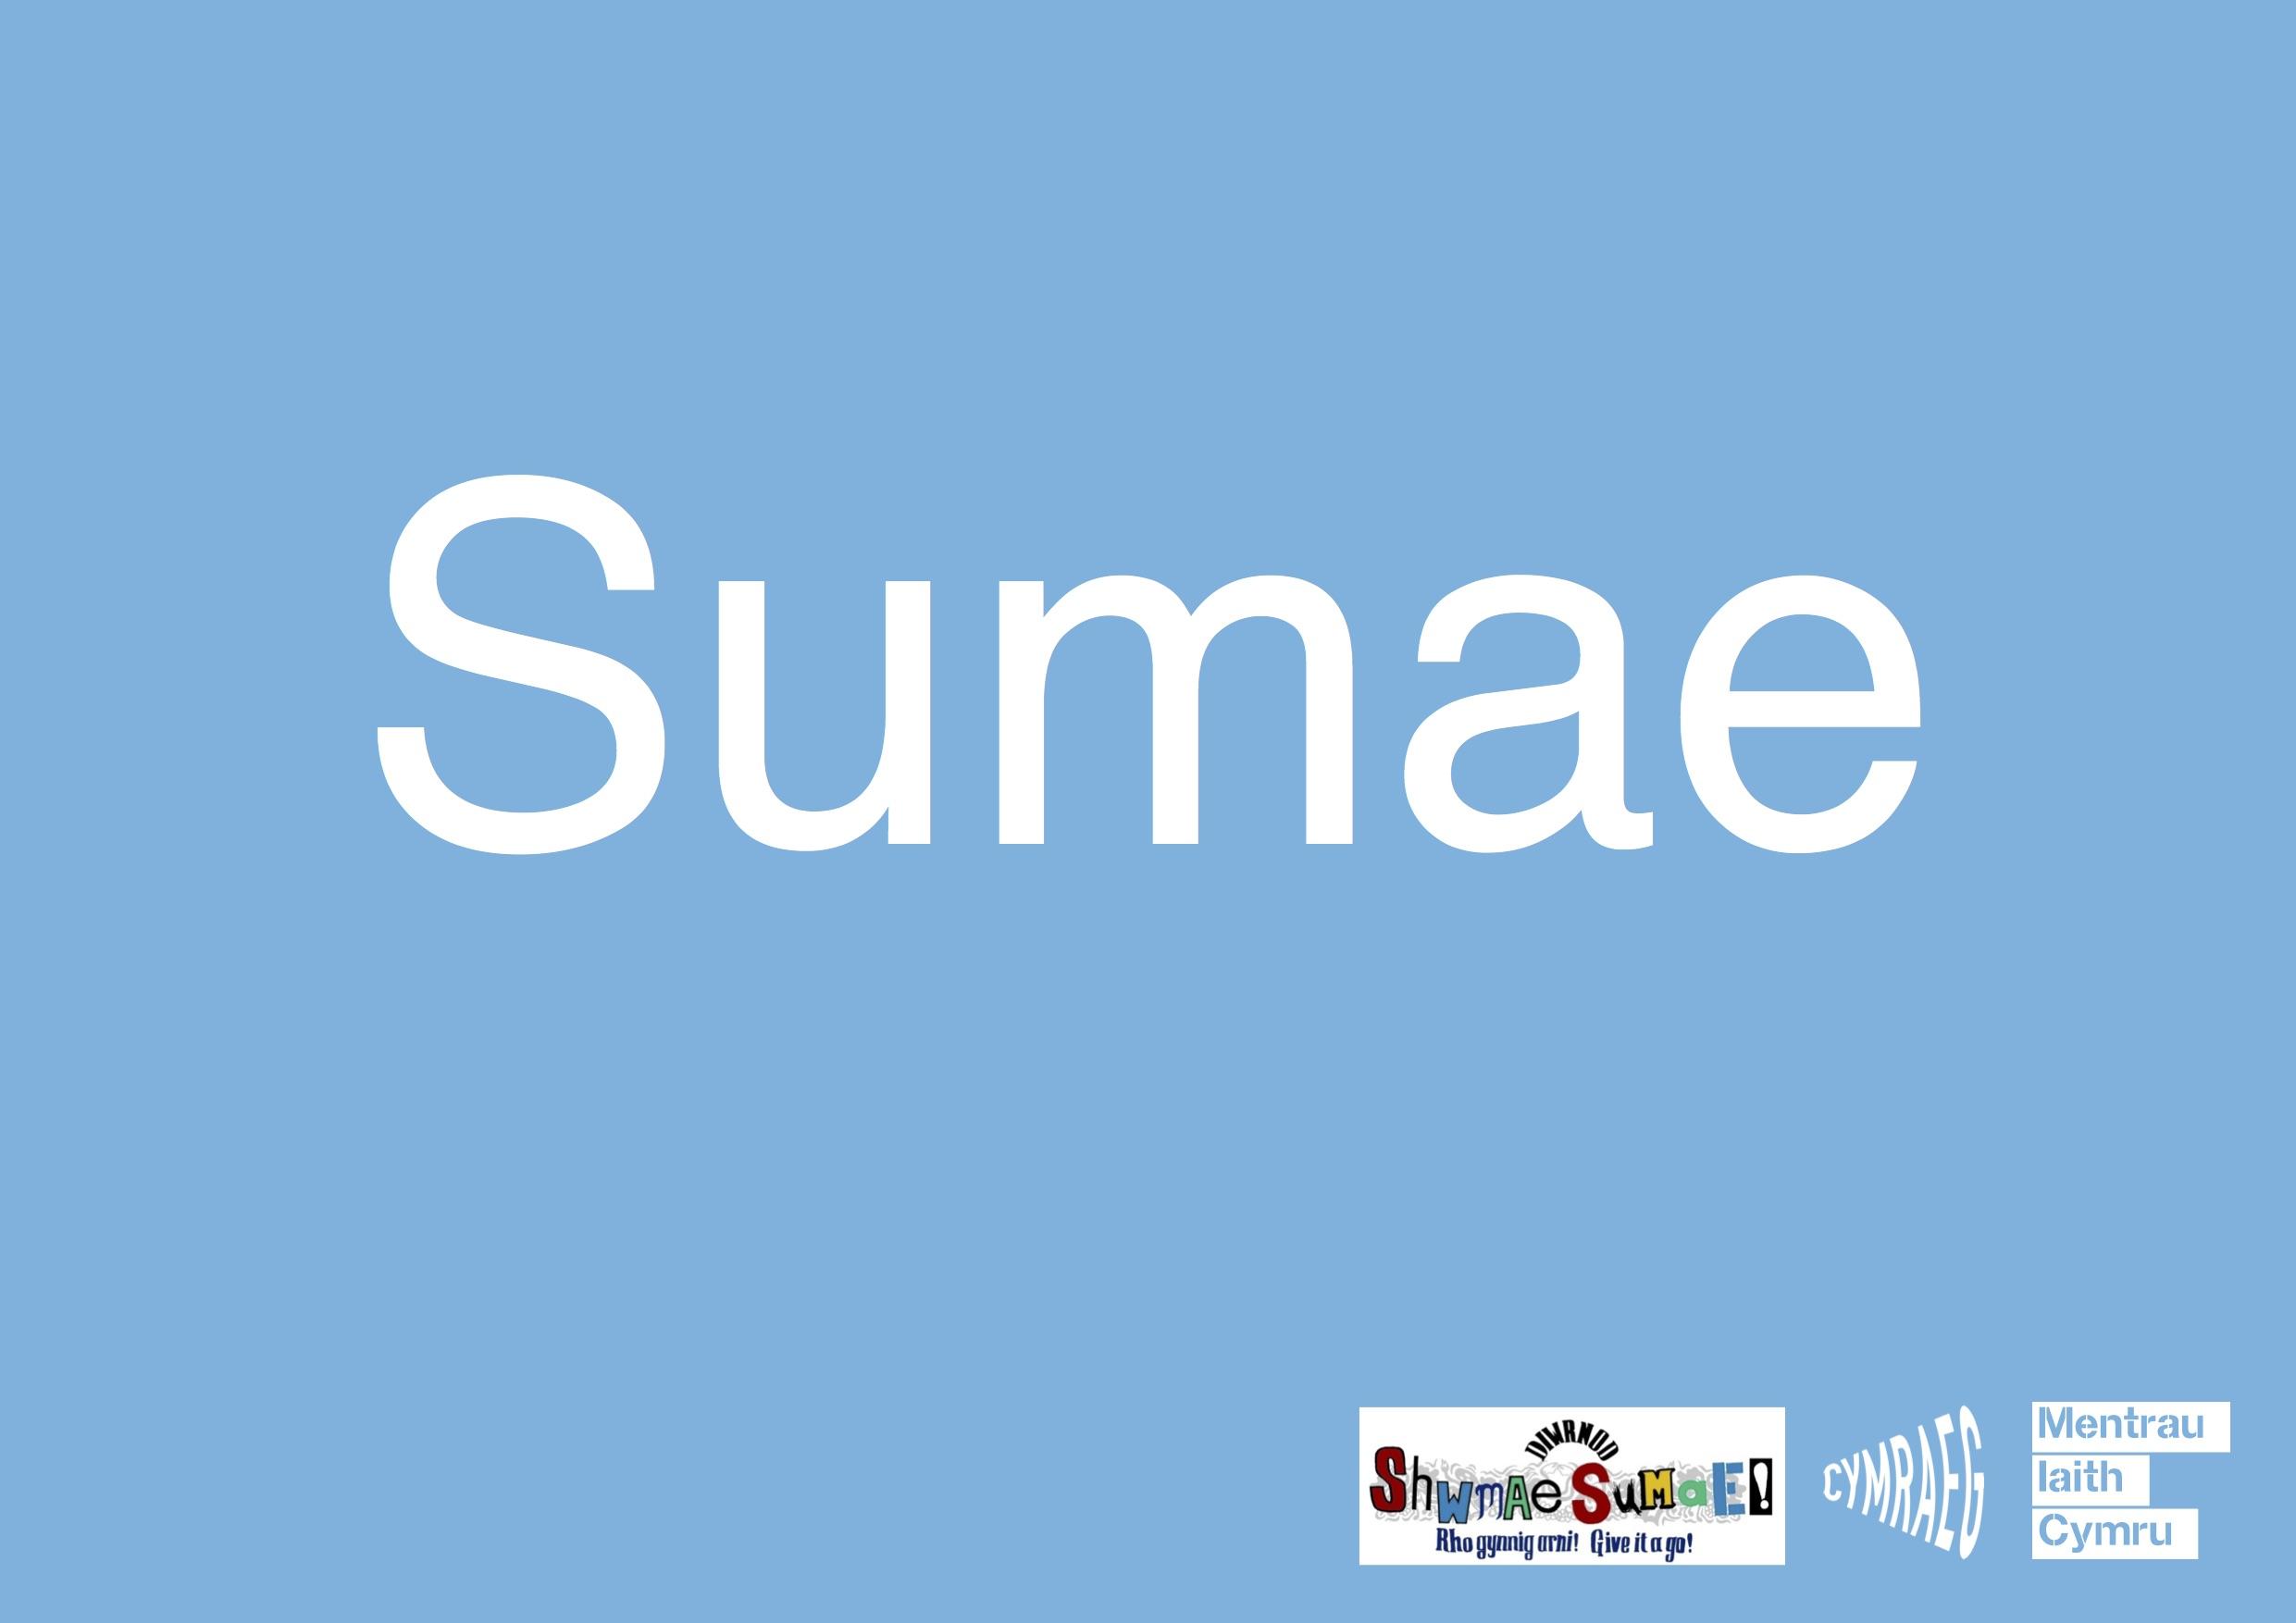 Arwydd Sumae